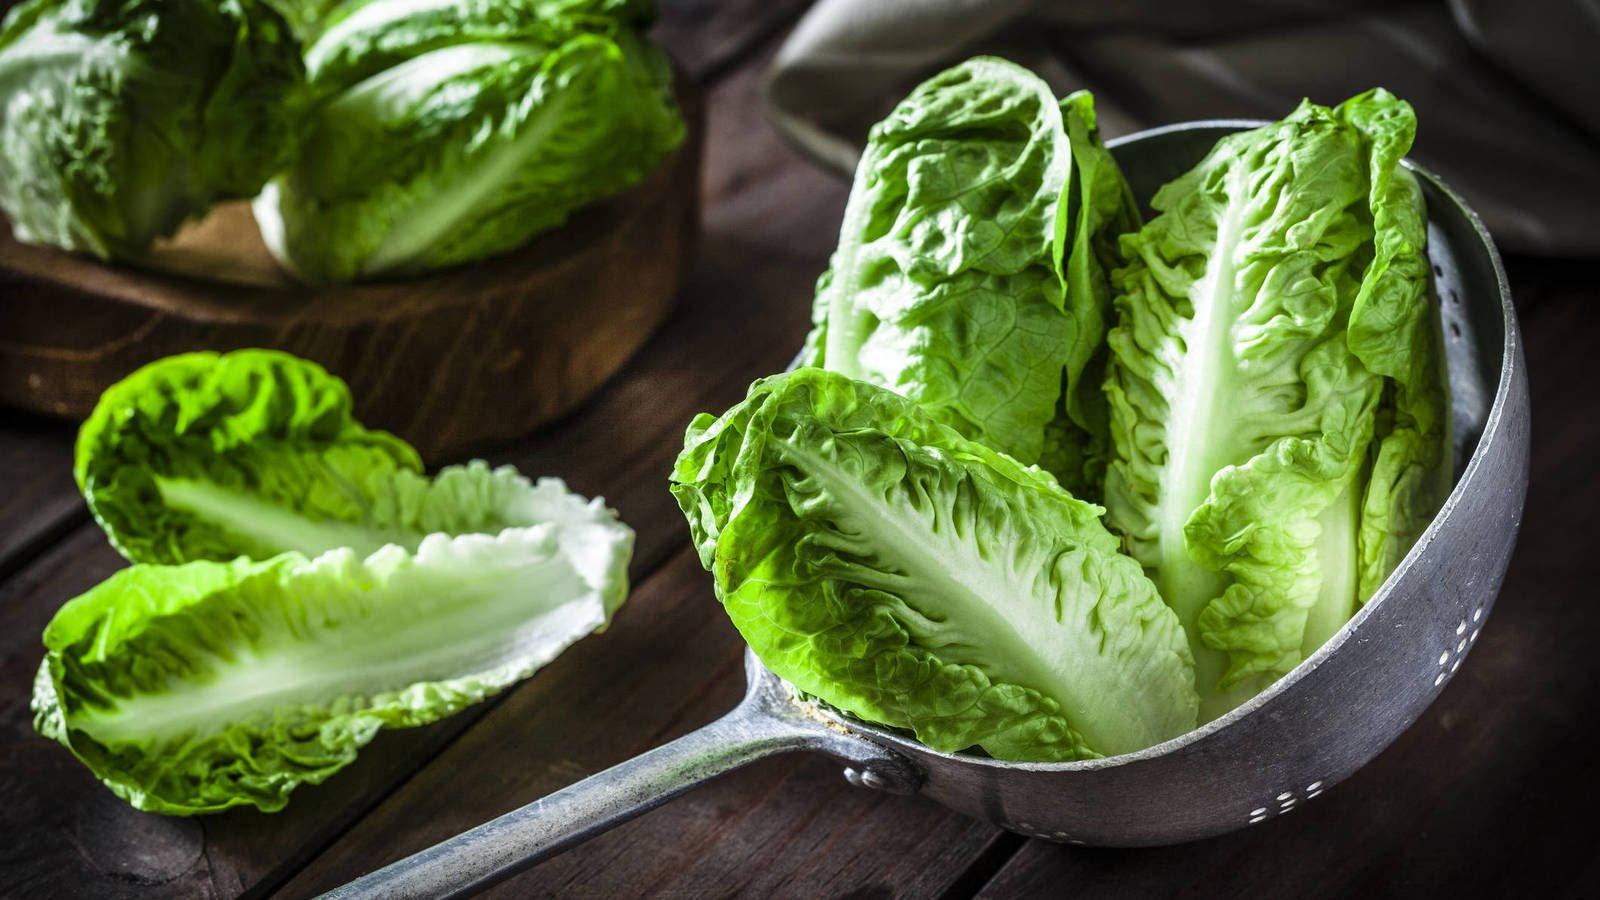 Cuatro formas de consumir la lechuga alternativas a la ensalada